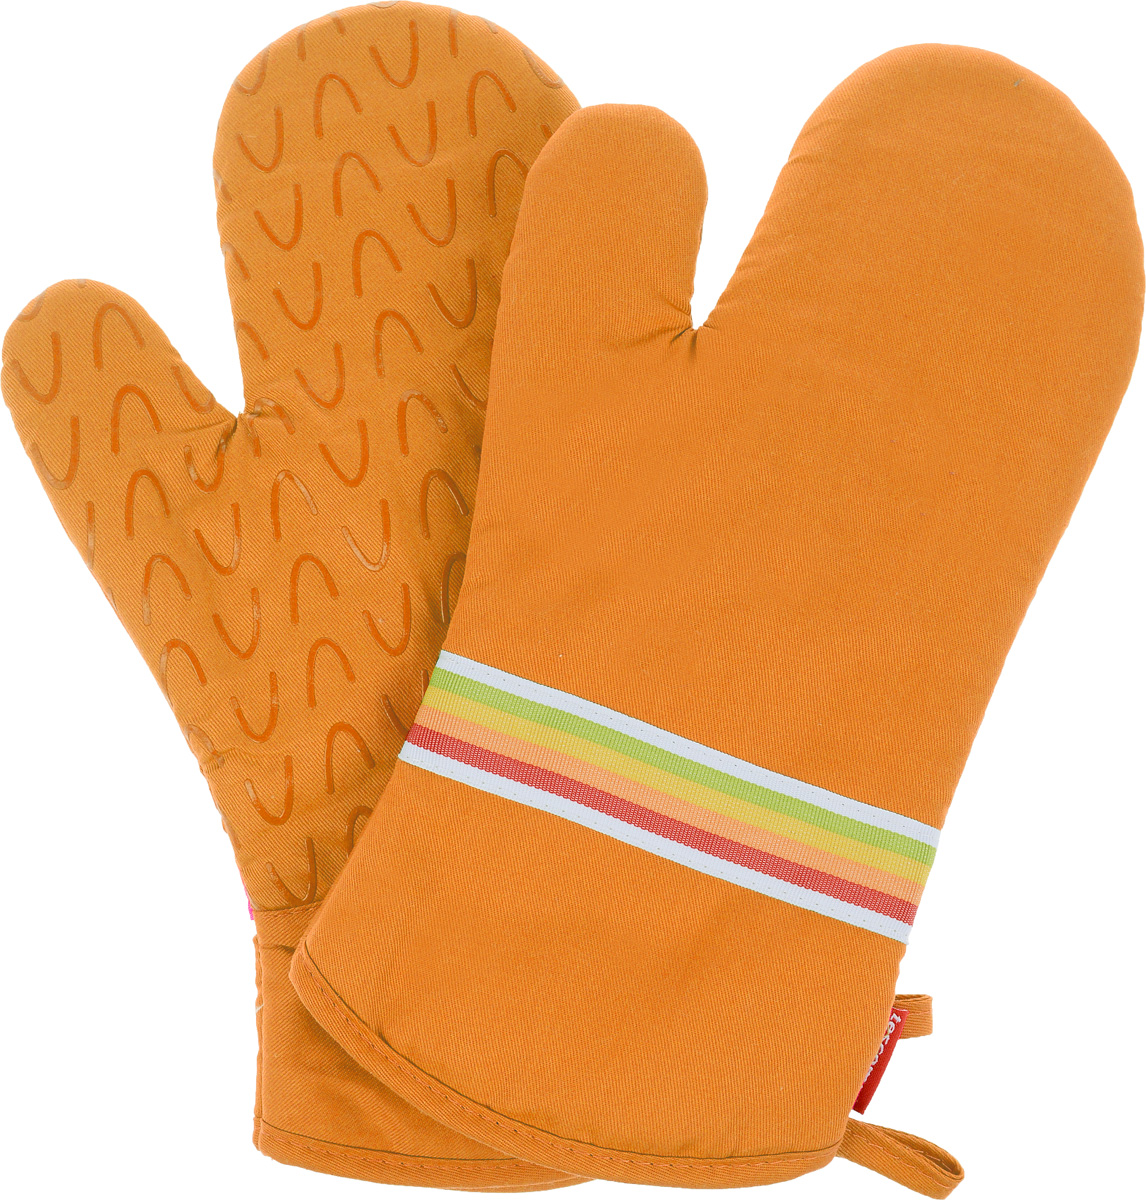 Рукавица-прихватка Tescoma Presto Tone, цвет: оранжевый, 33 х 18 см, 2 штVT-1520(SR)Рукавица-прихватка Tescoma Presto Tone, изготовленная из 100% хлопка и термостойкого силикона, имеет яркий дизайн. Для простоты и удобства хранения, изделие оснащено петелькой для подвешивания и магнитом. Такая прихватка защитит ваши руки от высоких температур и предотвратит появление ожогов. Рекомендуется стирка при температуре 30°С. Размер изделия (ДхШ): 33 х 18 см.Комплектация: 2 шт.